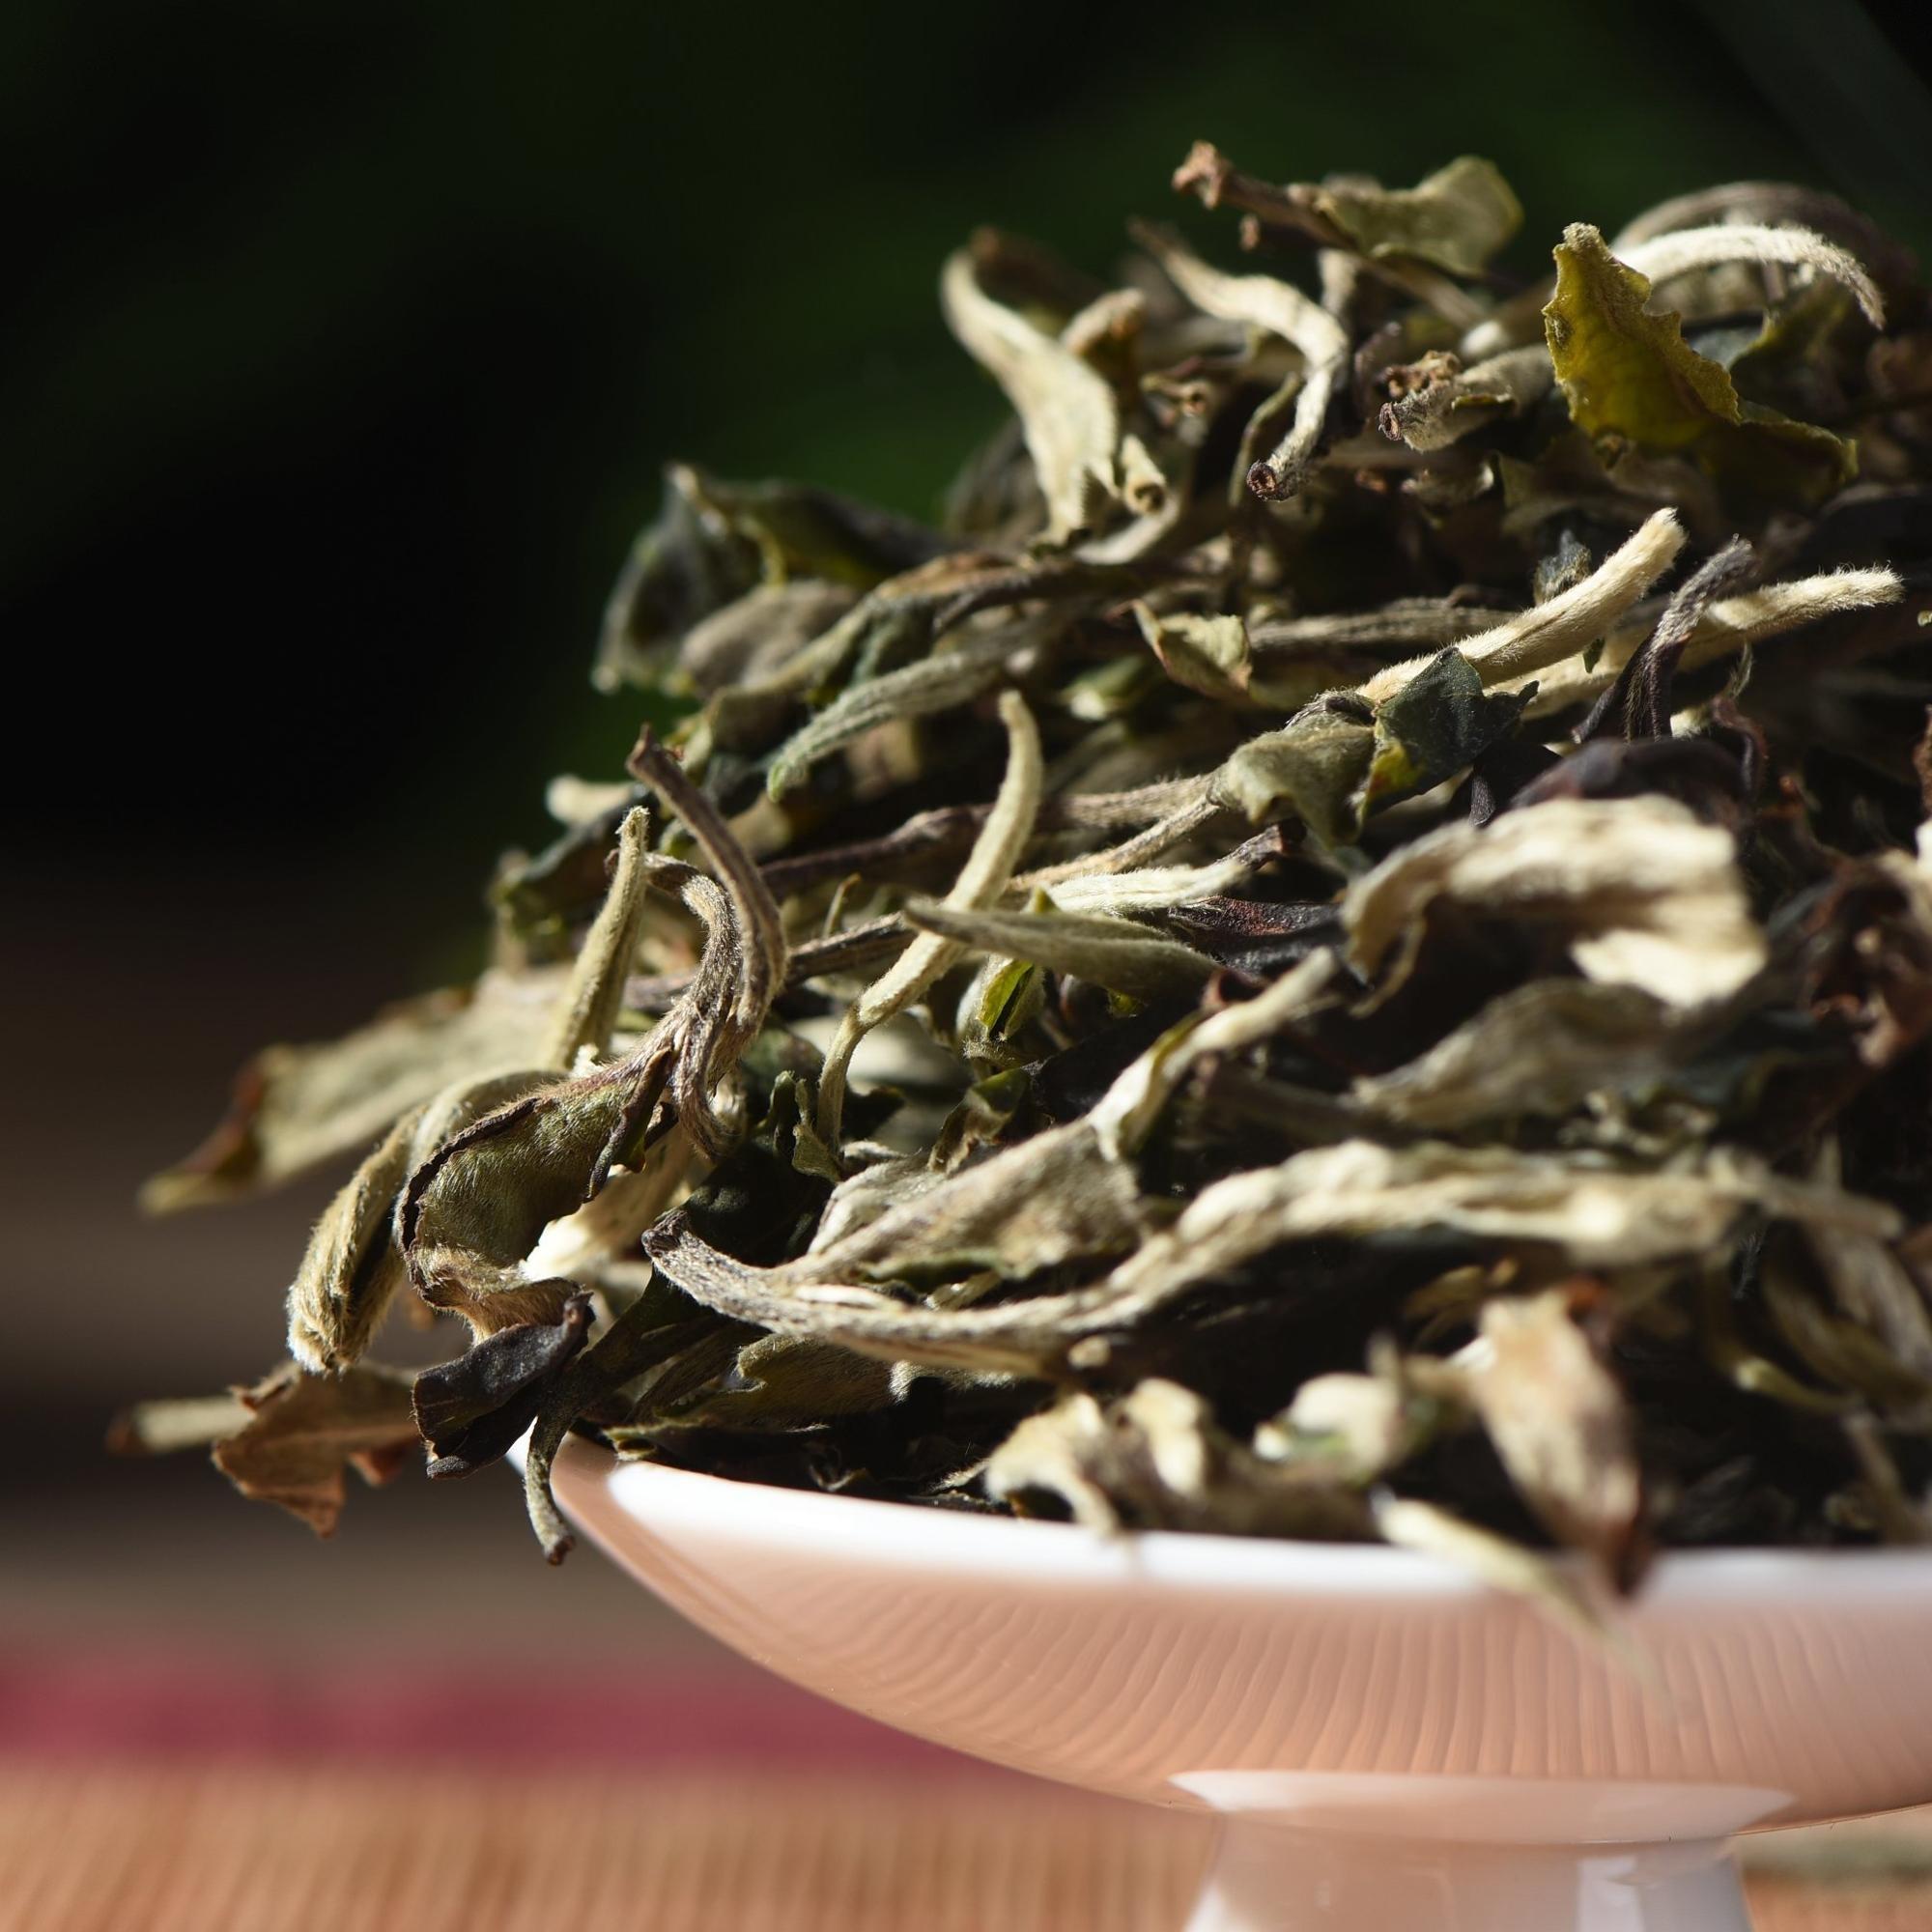 New design label big leaf white tea chinese with great price - 4uTea | 4uTea.com